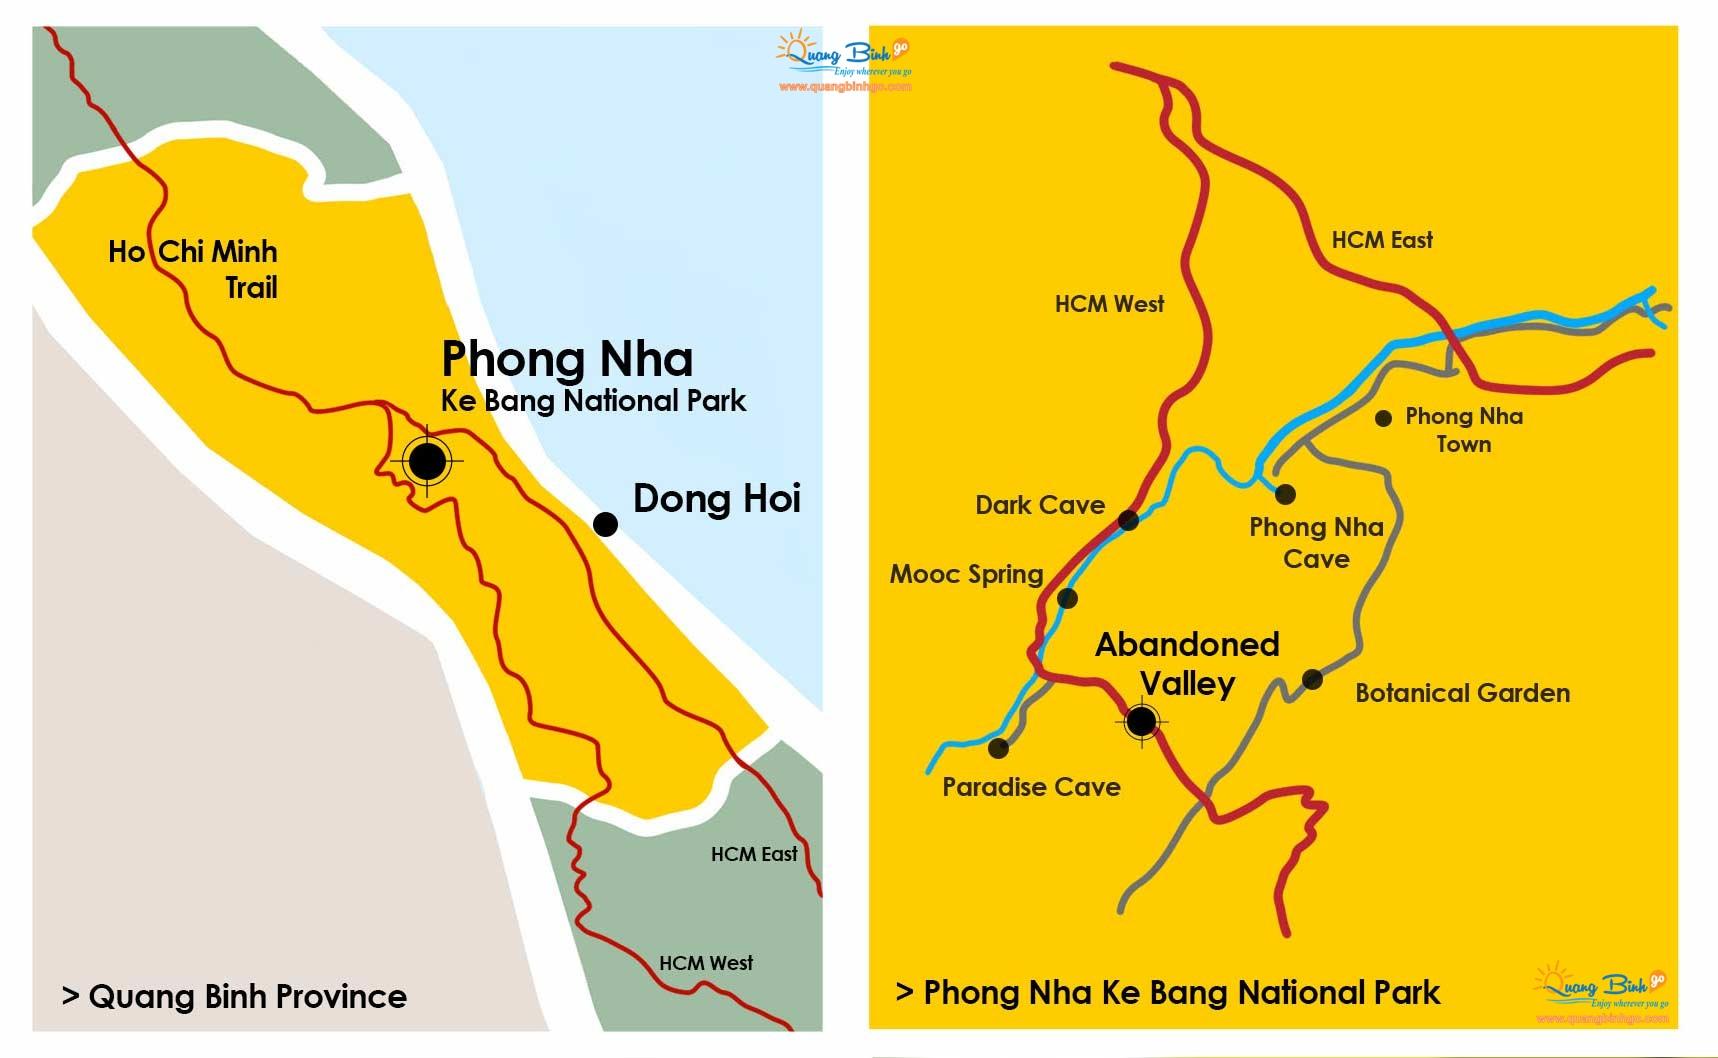 Tourist map of Quang Binh province, Phong Nha - Ke Bang 2